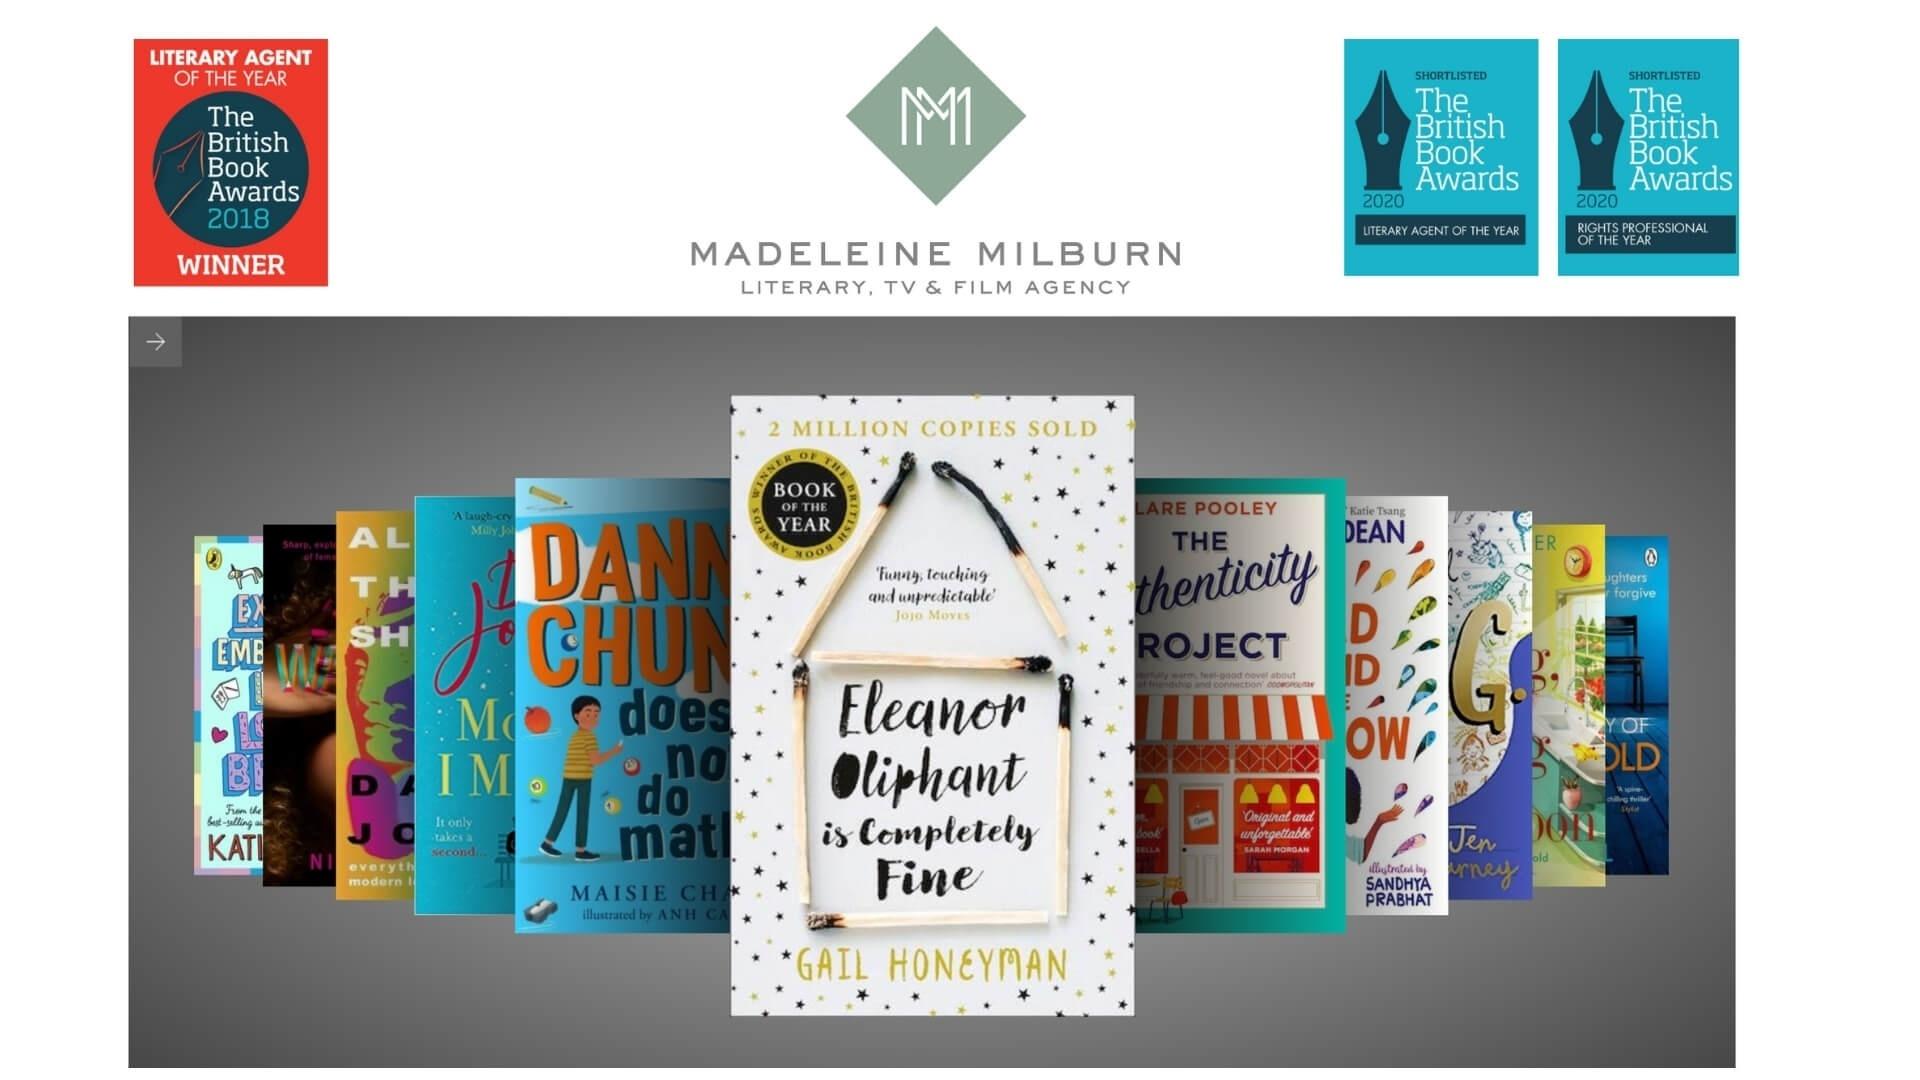 Madeline Milburn